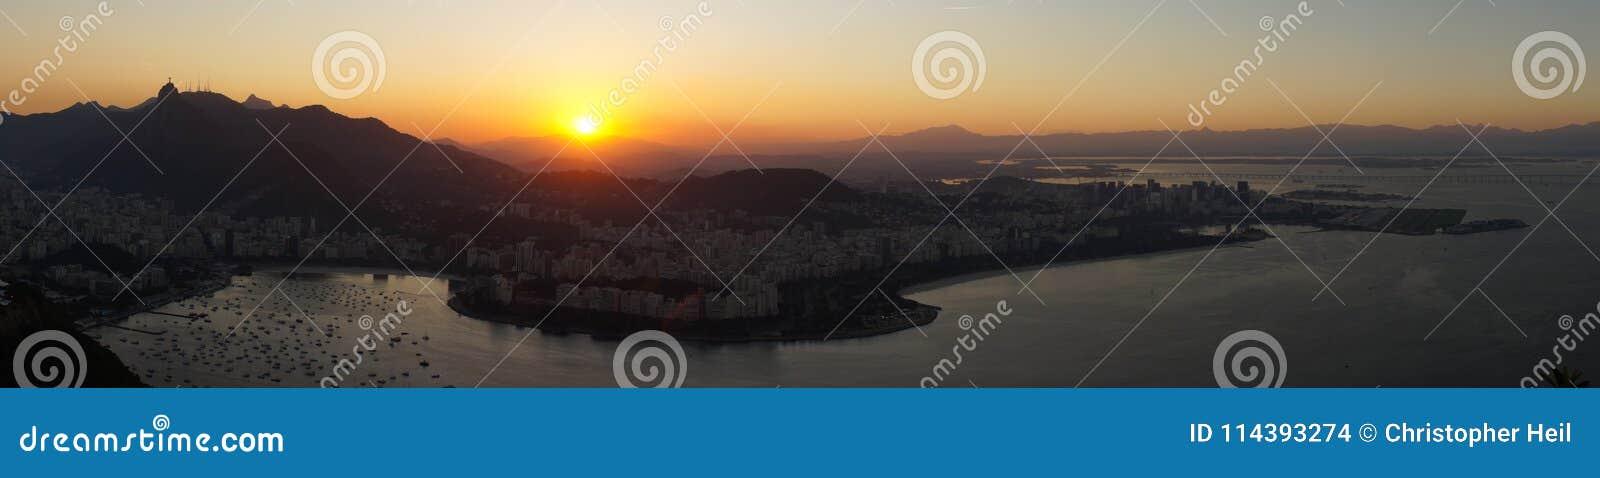 夜视图向里约从老虎山山怀有在日落以后在里约热内卢,巴西